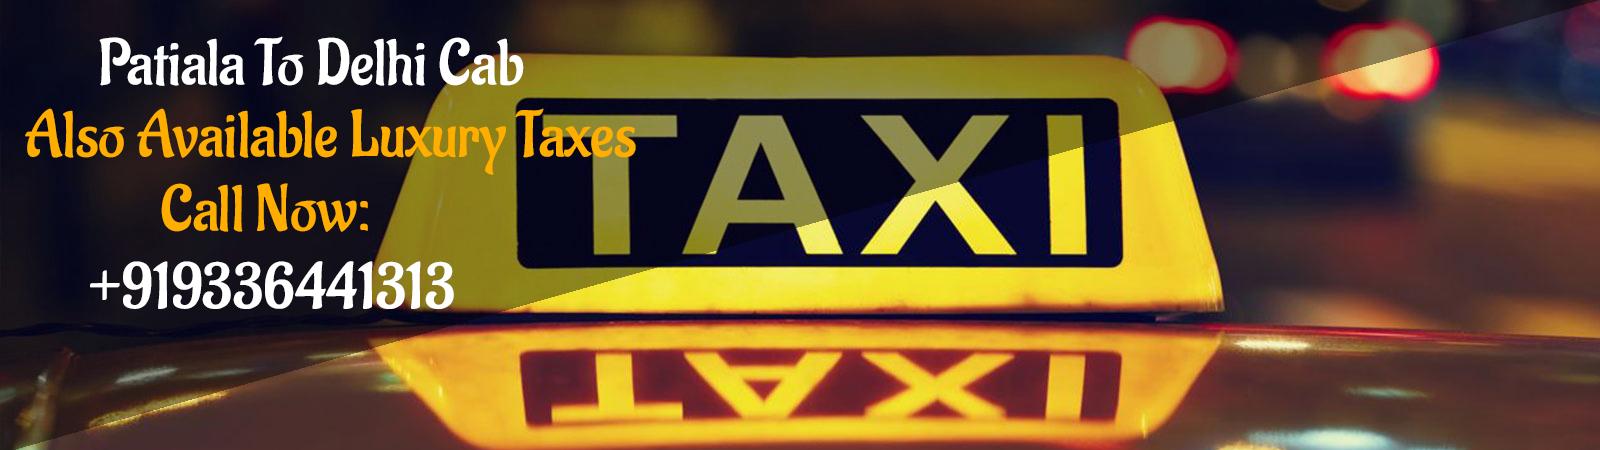 Patiala to Delhi cab